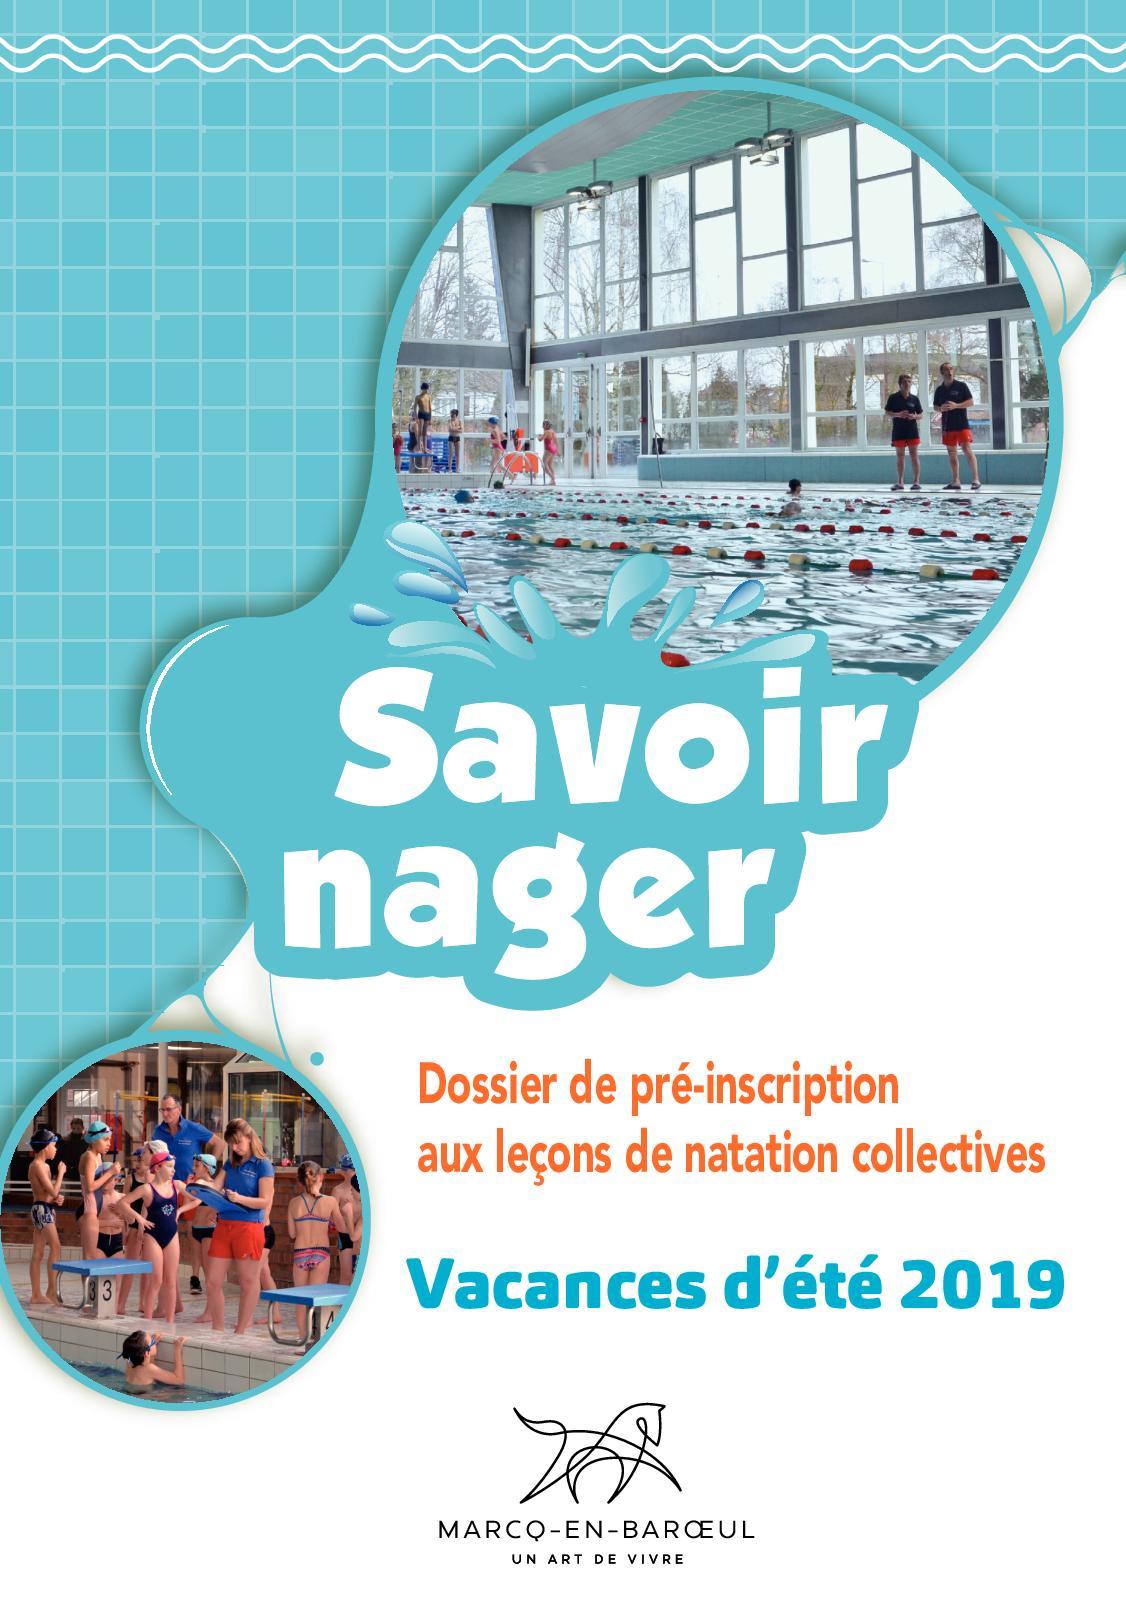 Calaméo - Piscine Dossier Leçons Été 2019 pour Piscine Marcq En Baroeul